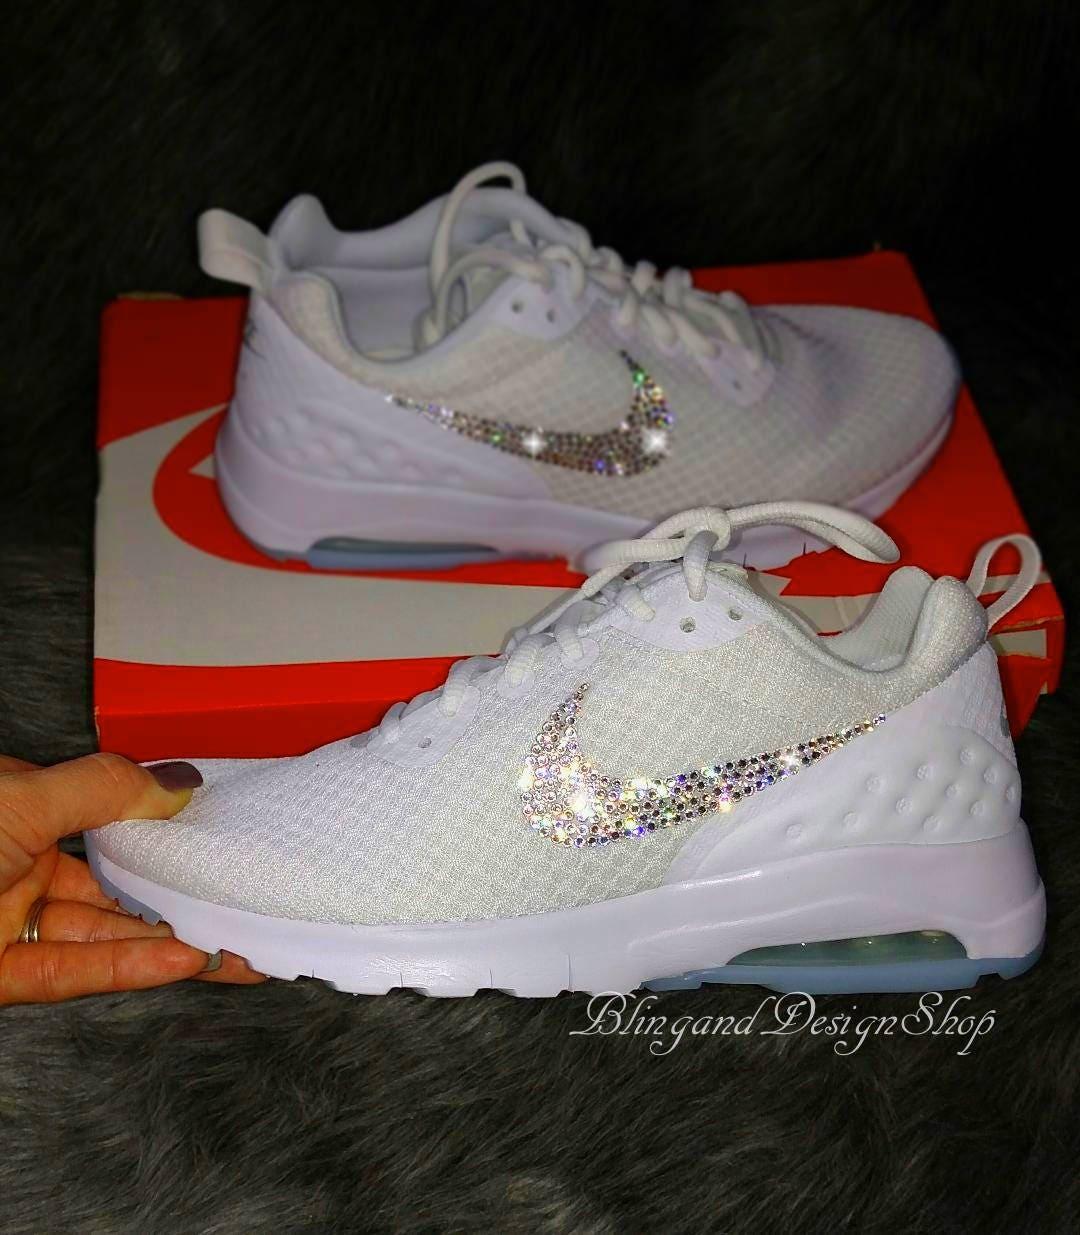 nike air max gioielli swarovski proposta sb le scarpe nike personalizzato